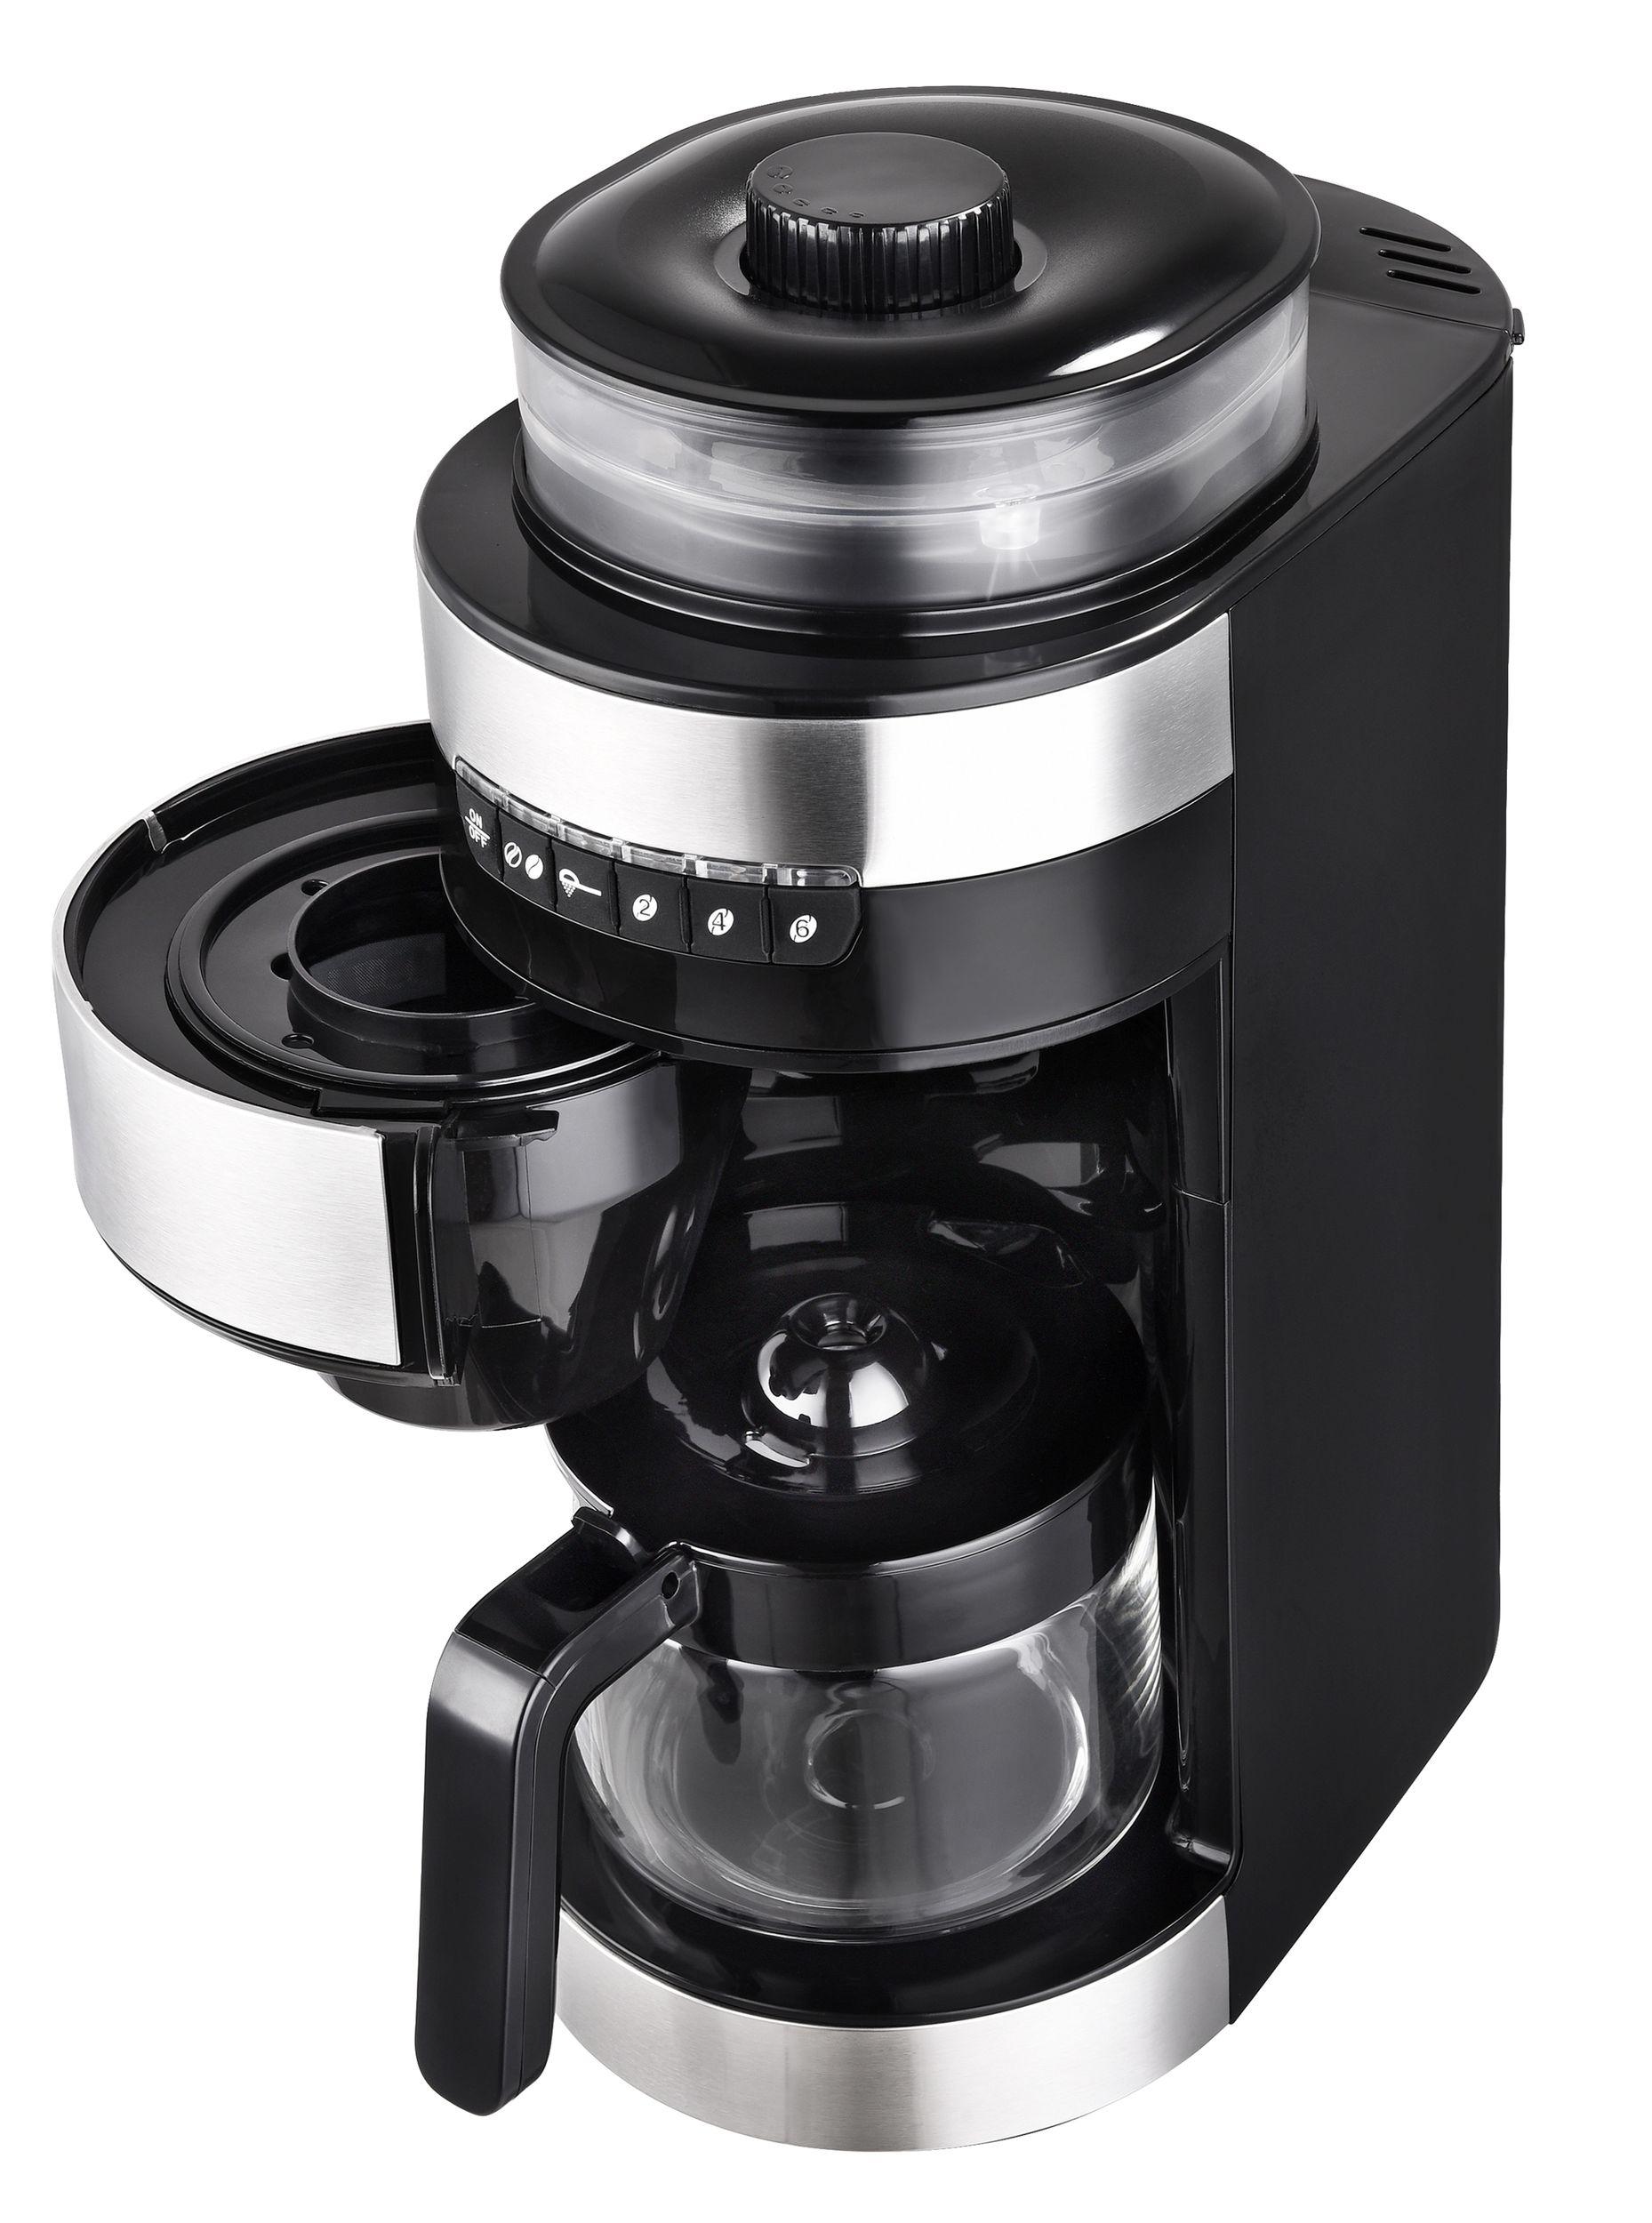 2in1 Kaffeeautomat Mahlwerk Bohnen Mühle 0,85L (Karton beschädigt)*81319 Bild 2